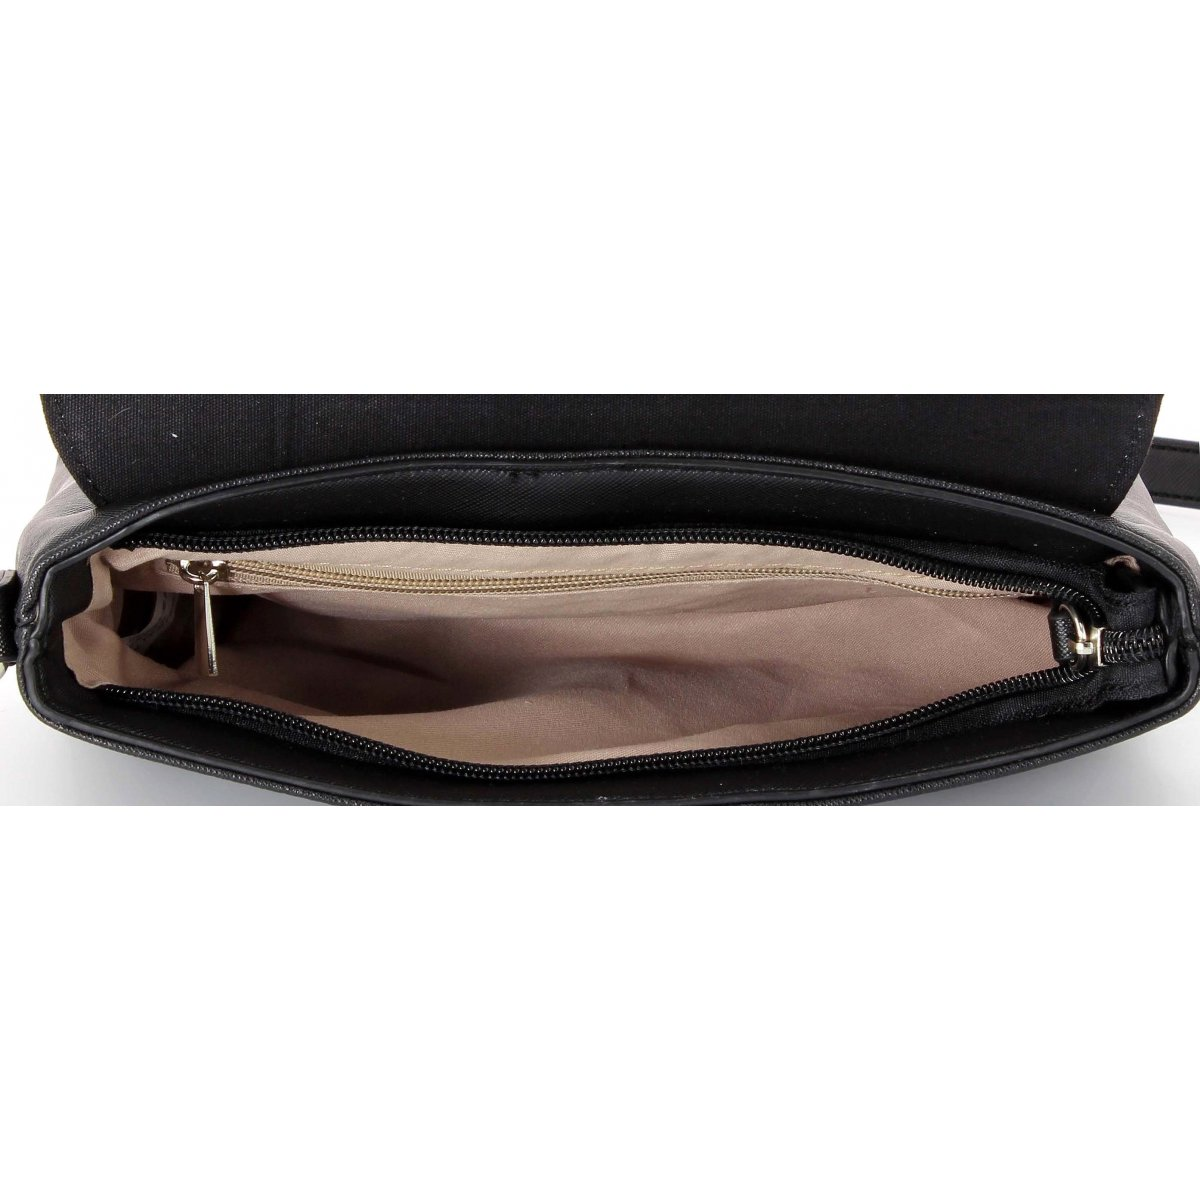 sac main bandouli re les sacs de krlot fkg40002 couleur principale white promotion. Black Bedroom Furniture Sets. Home Design Ideas